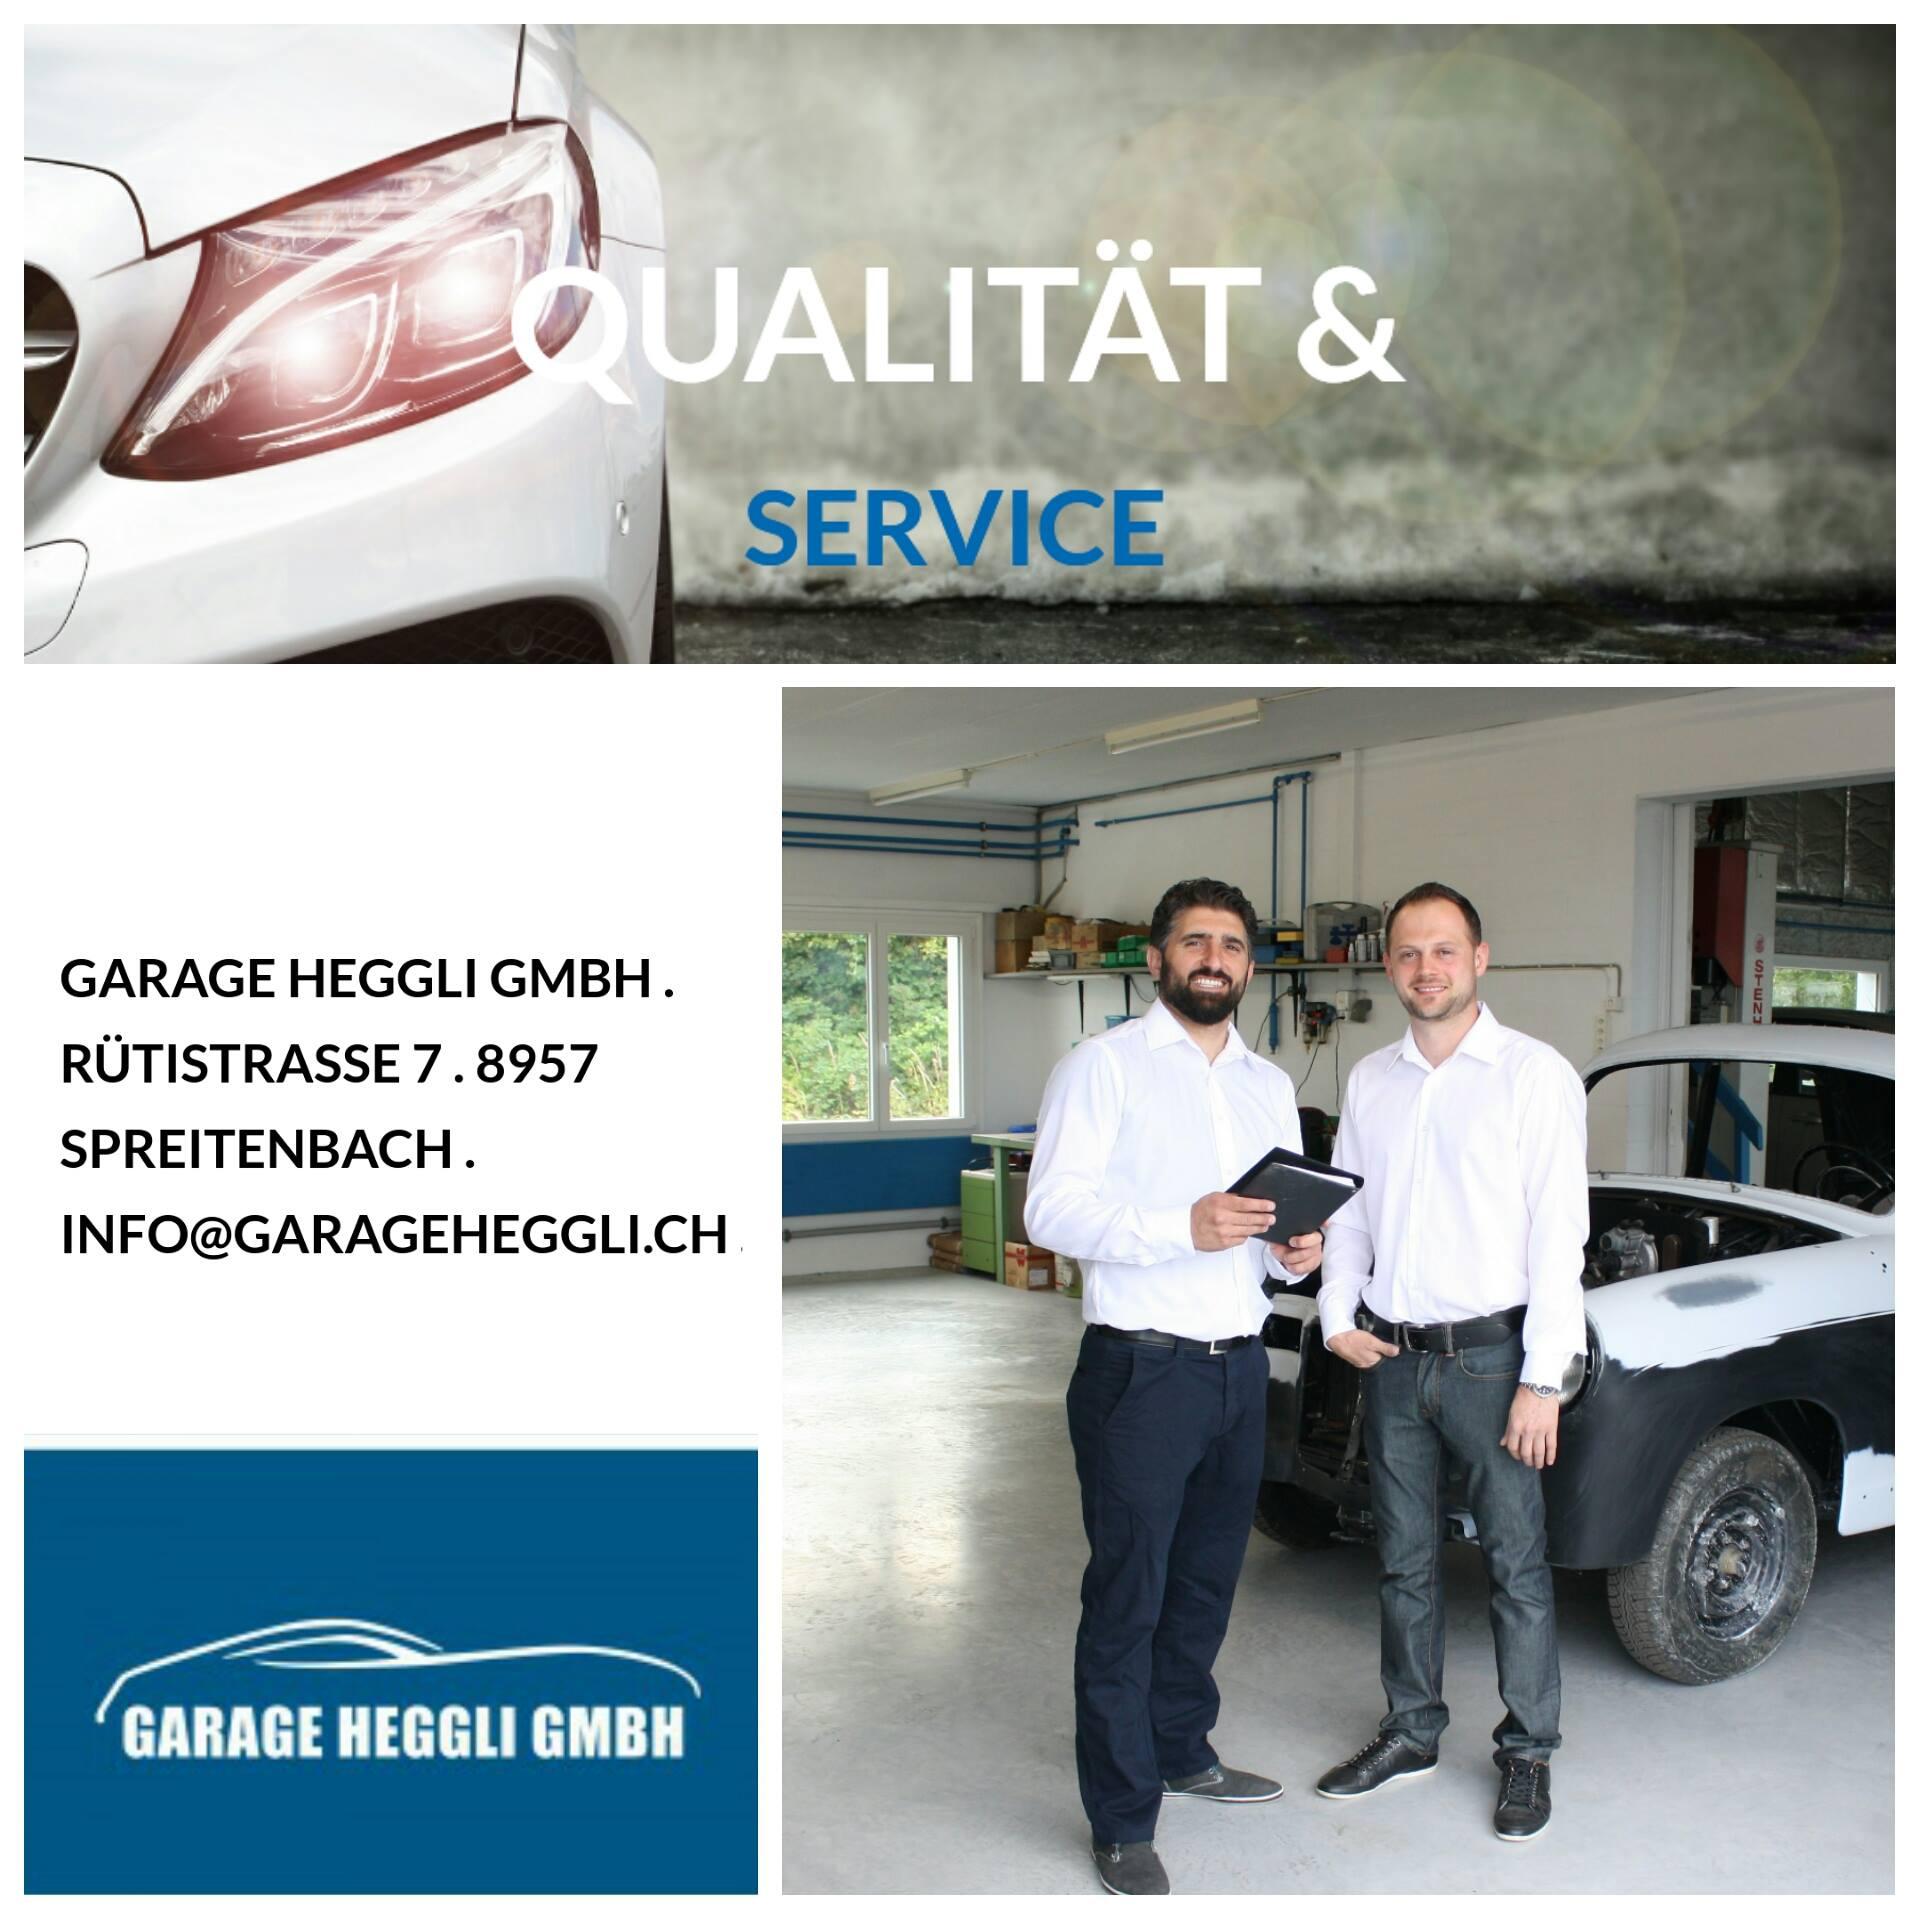 Qualität_Service